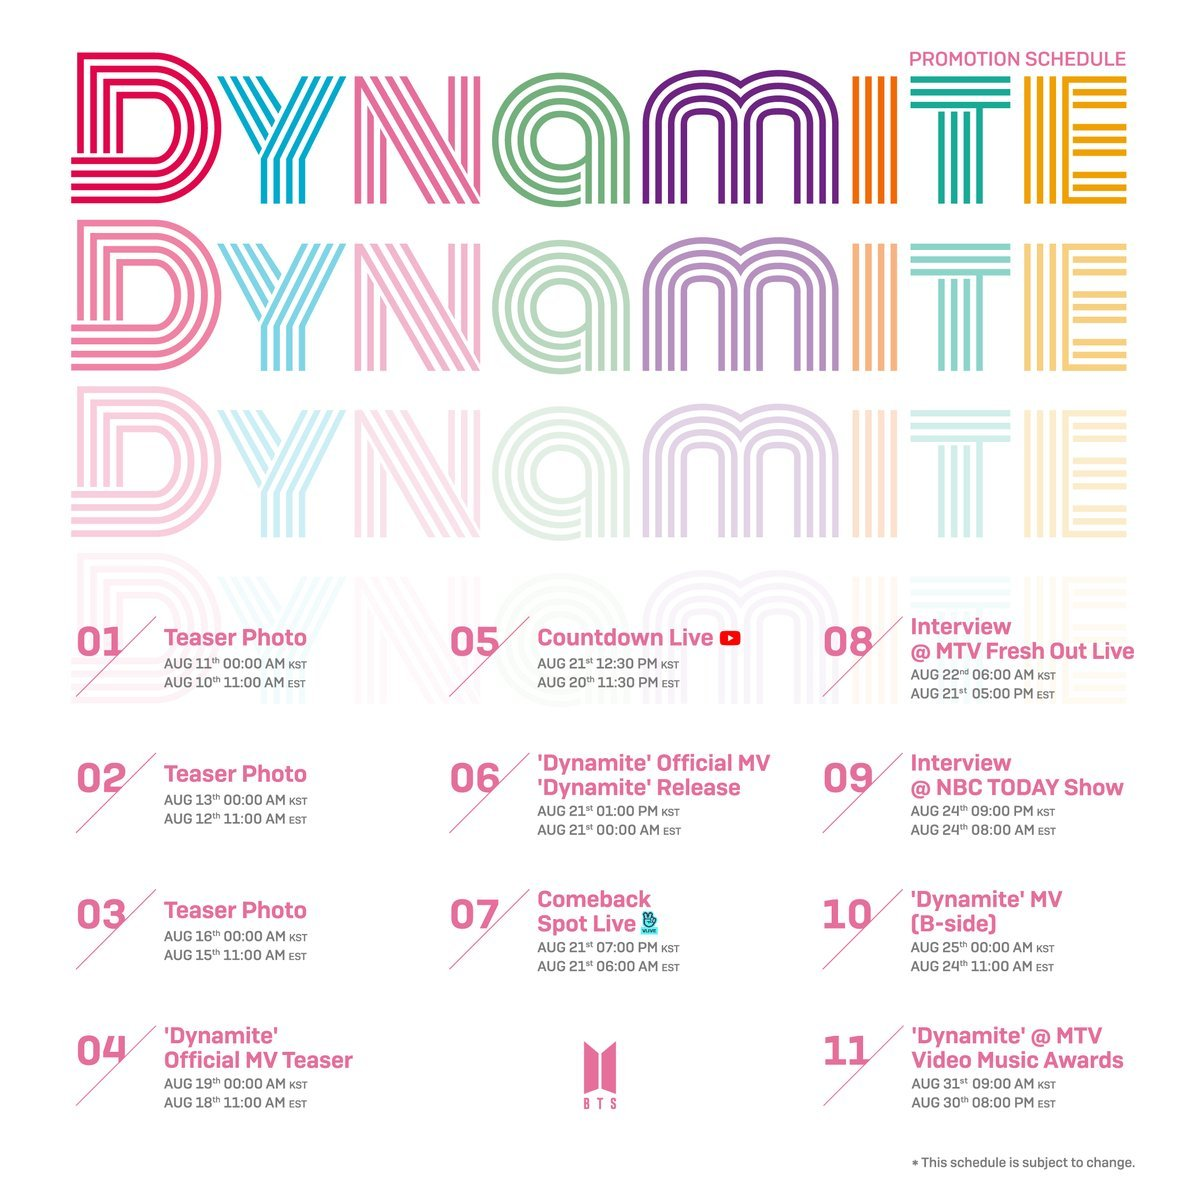 bts-dynamite-schedule